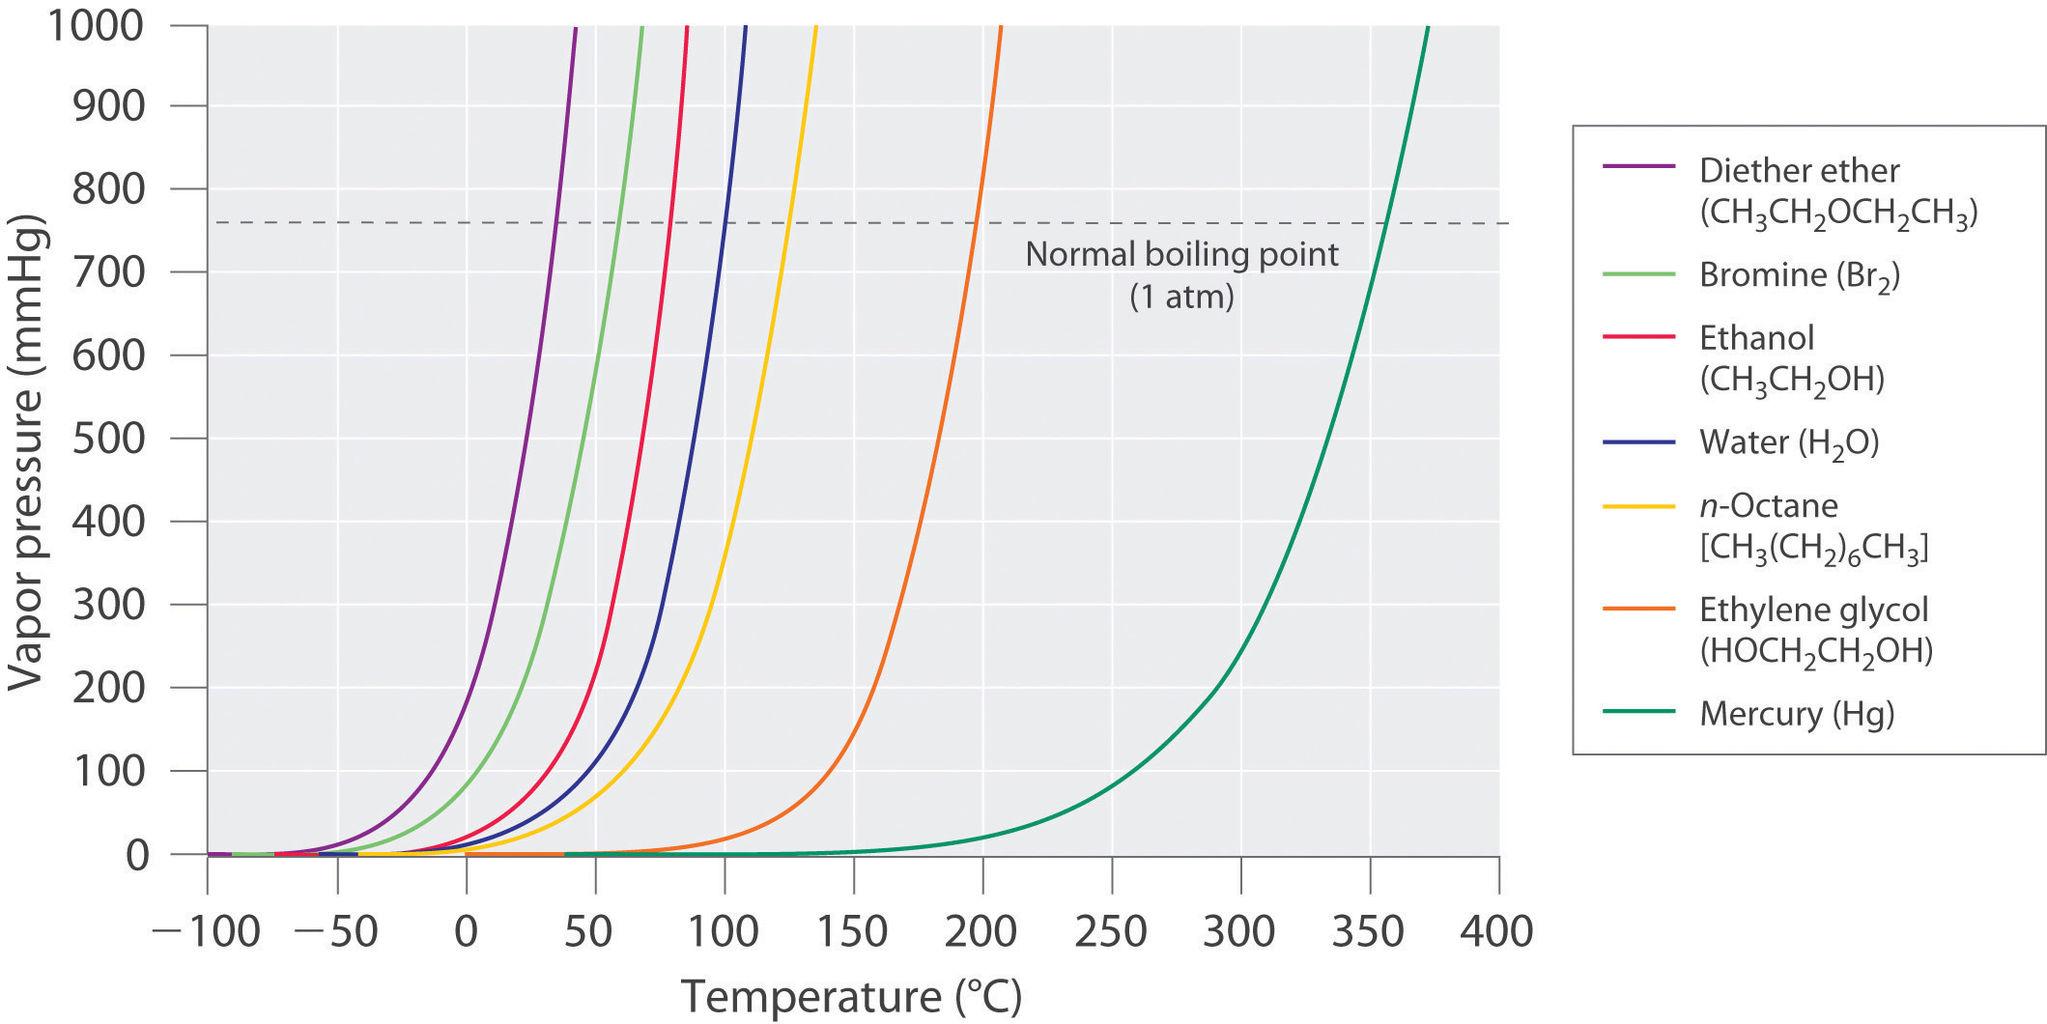 飽和蒸気圧と蒸気圧曲線 Chemihack:おうちで学べる化学